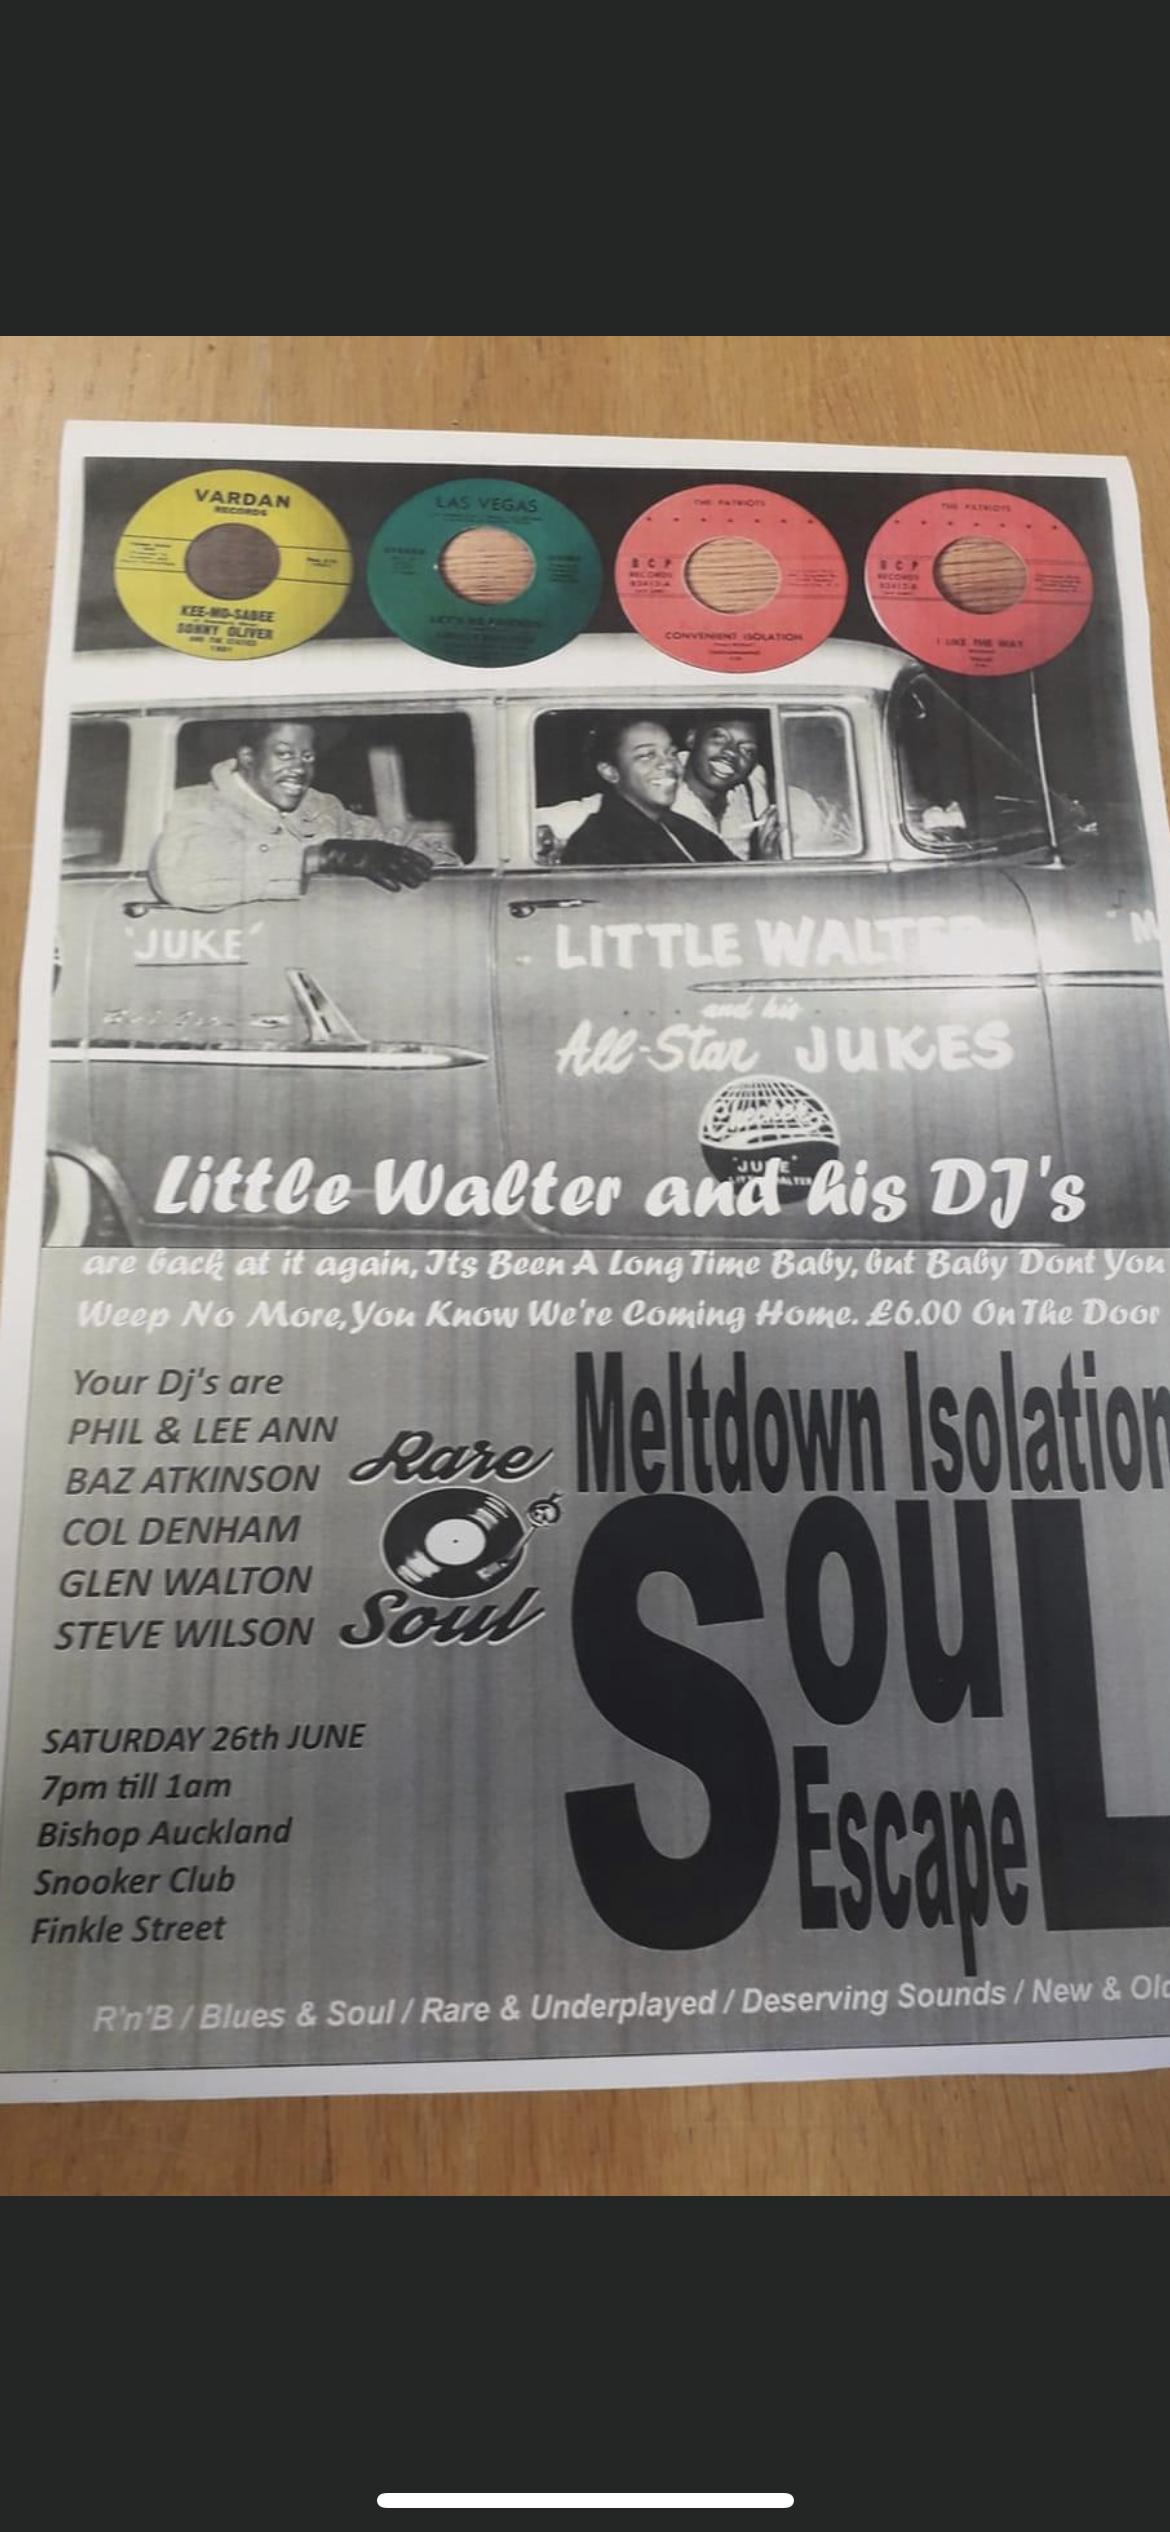 Little Walter  His Djs Bishop Auckland Snooker Club flyer